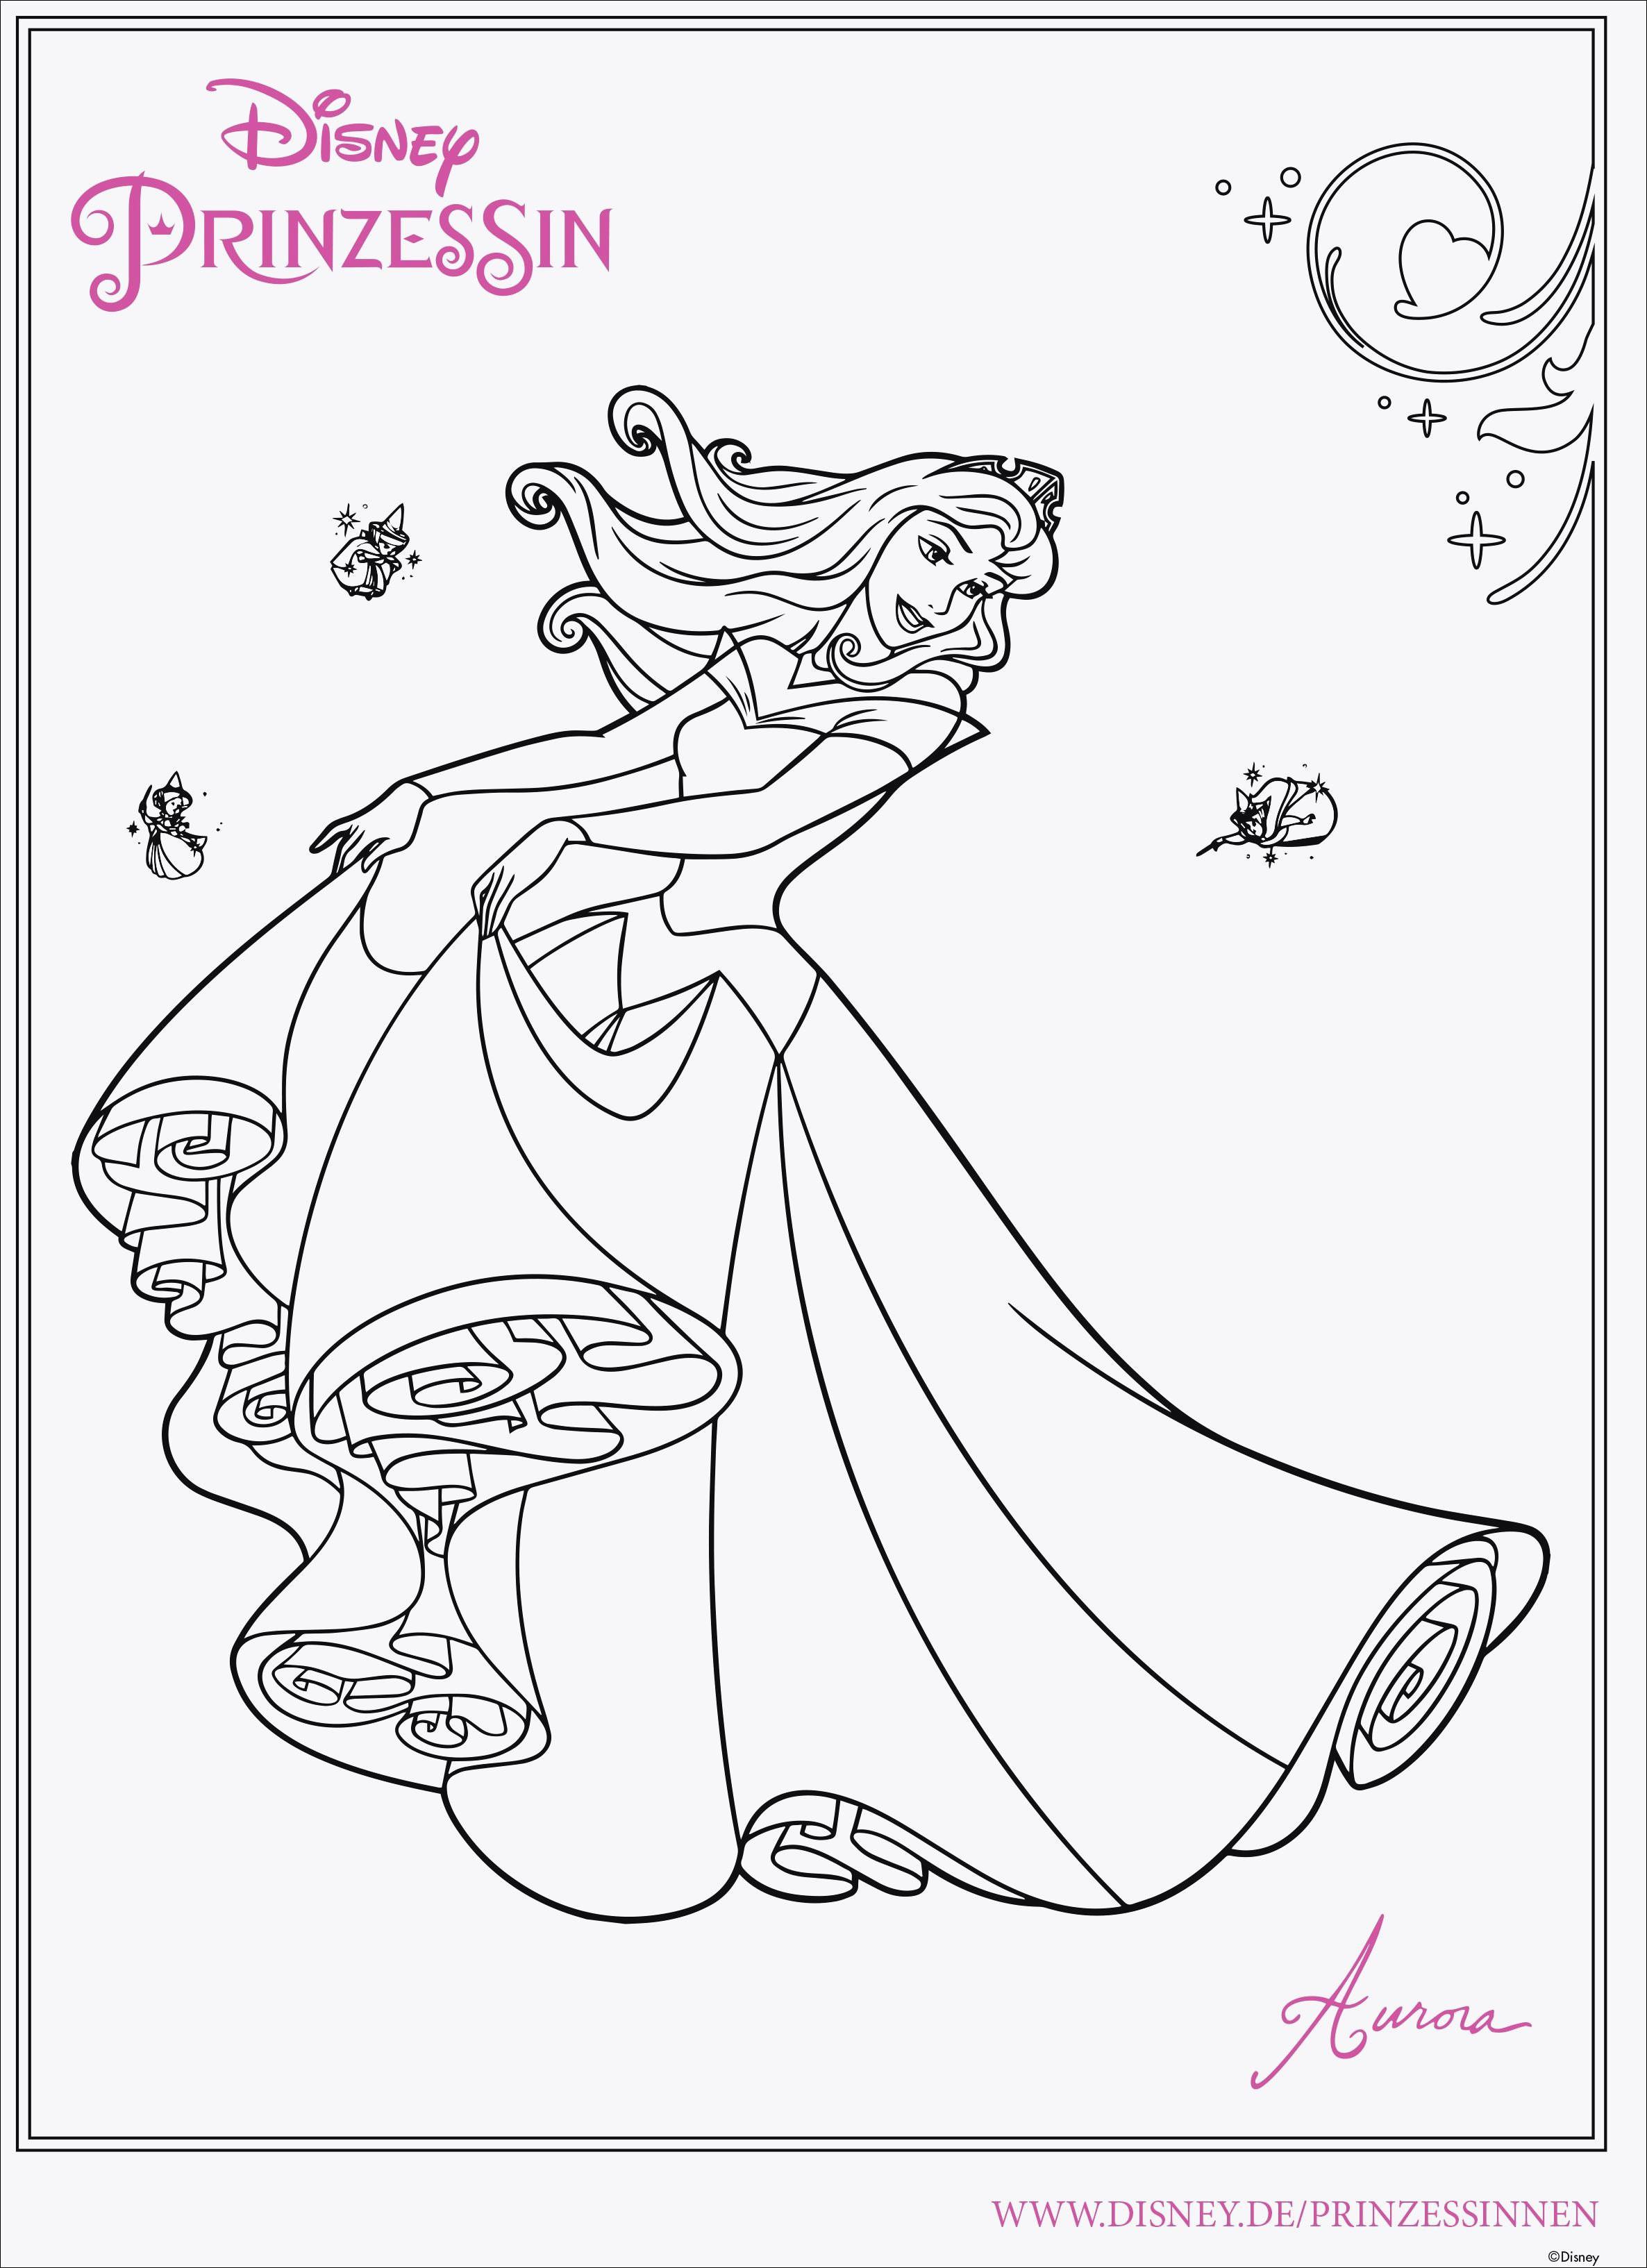 Ausmalbilder Disney Kostenlos Genial Ausmalbilder Arielle Malvorlage A Book Coloring Pages Best Stock